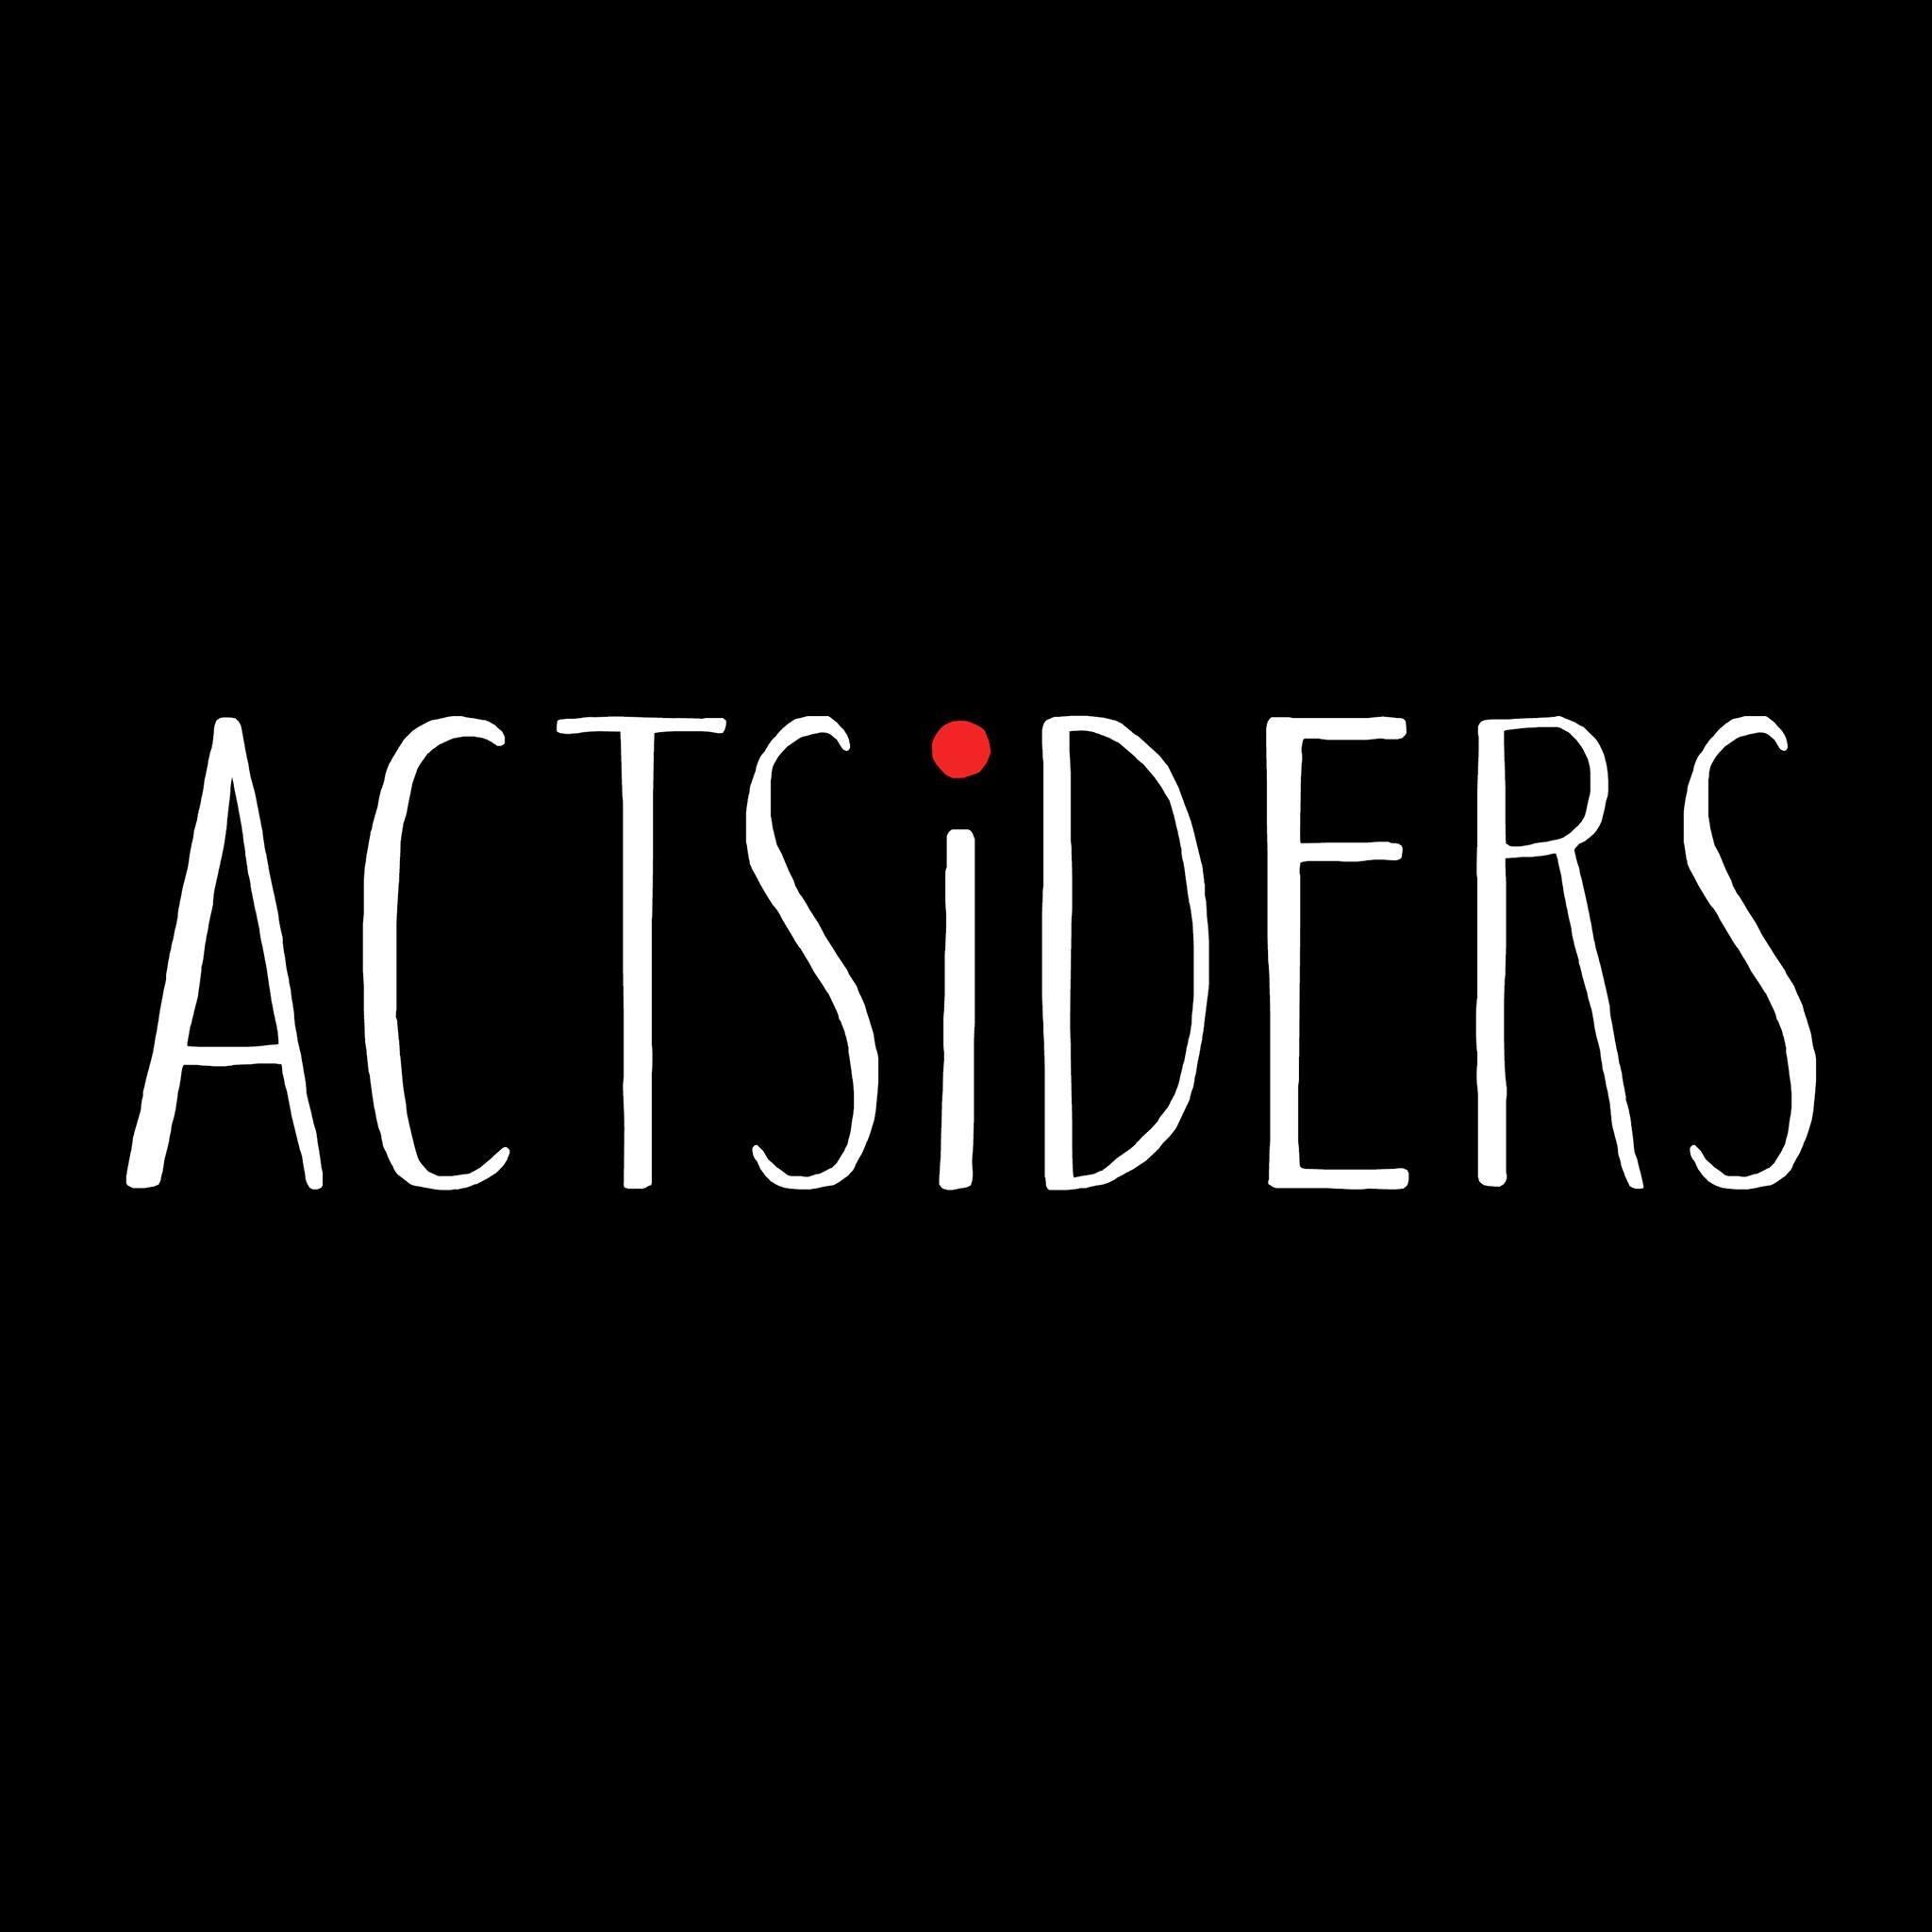 Actsiders